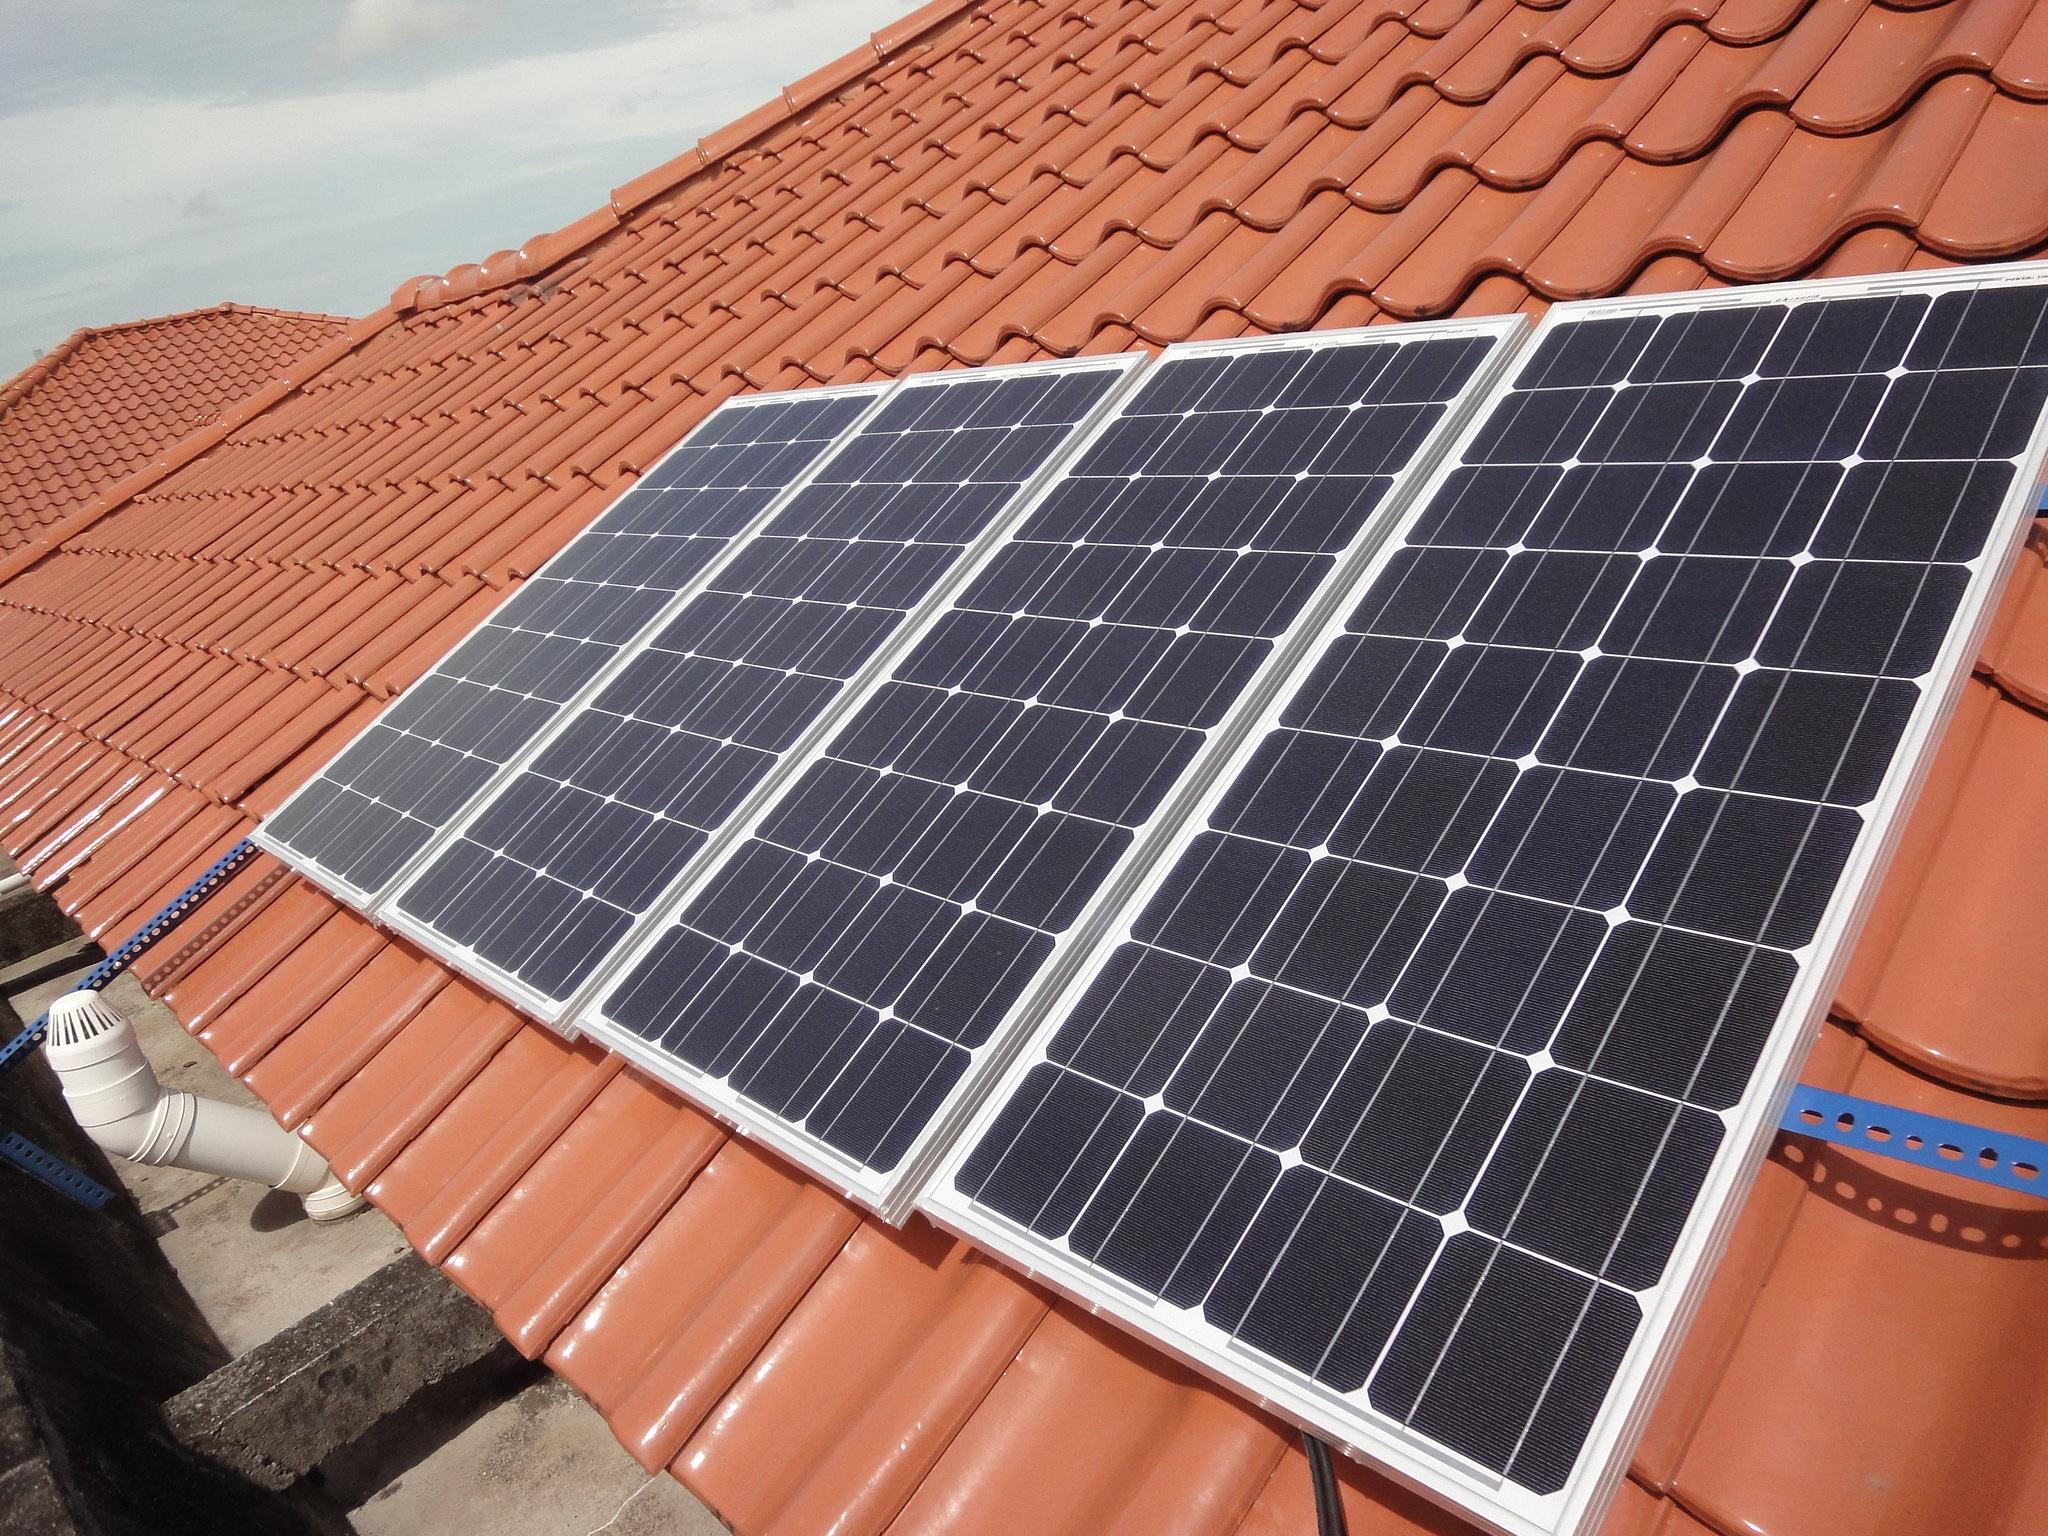 ¿Por qué los paneles solares son una gran opción?